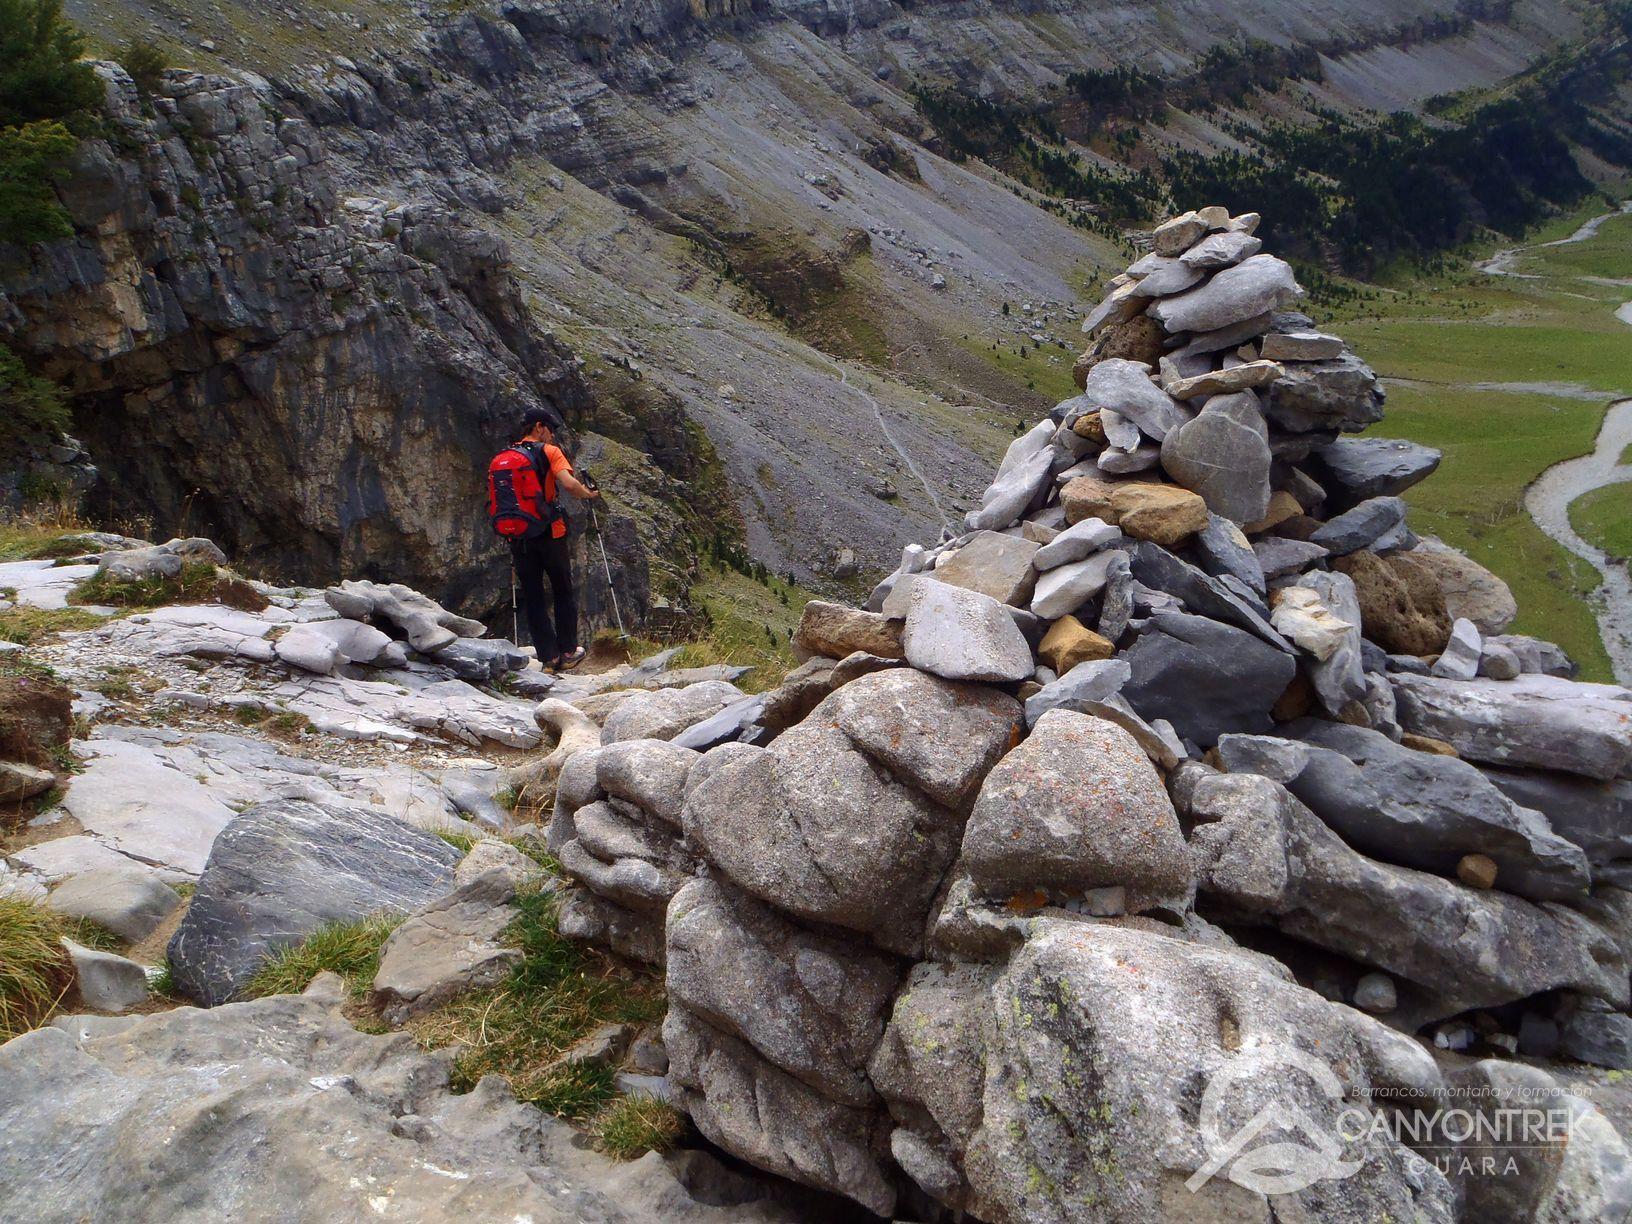 Hitos que marcan los caminos en los Pirineos